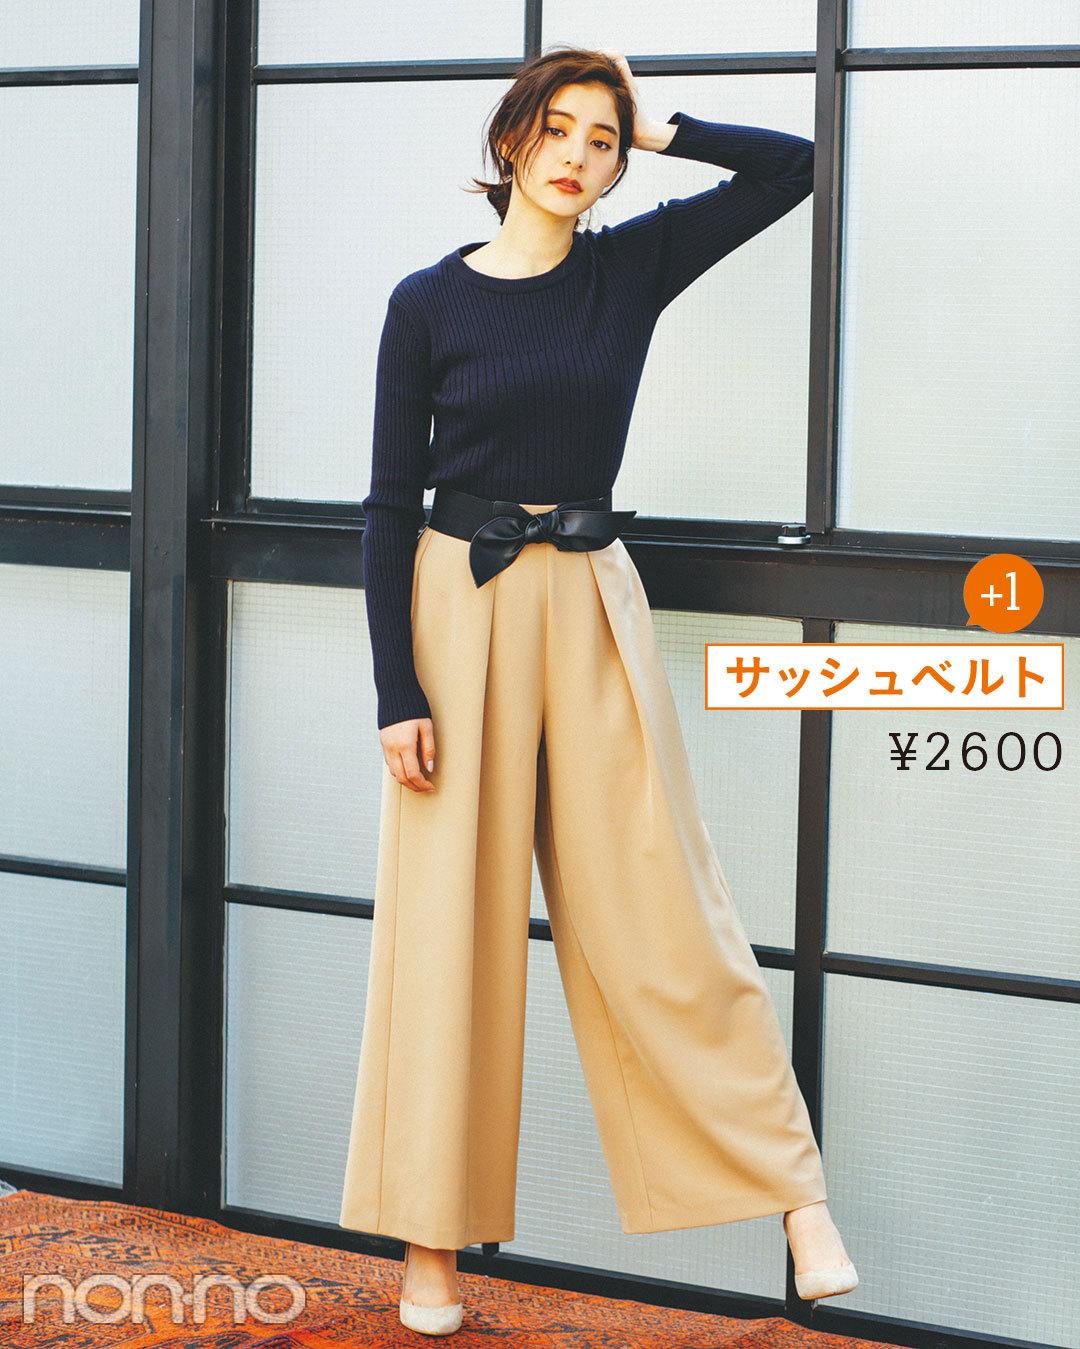 ¥2600~¥4900をひとつだけでOK! シンプル派が買い足すべきトレンド服&小物3_1_3